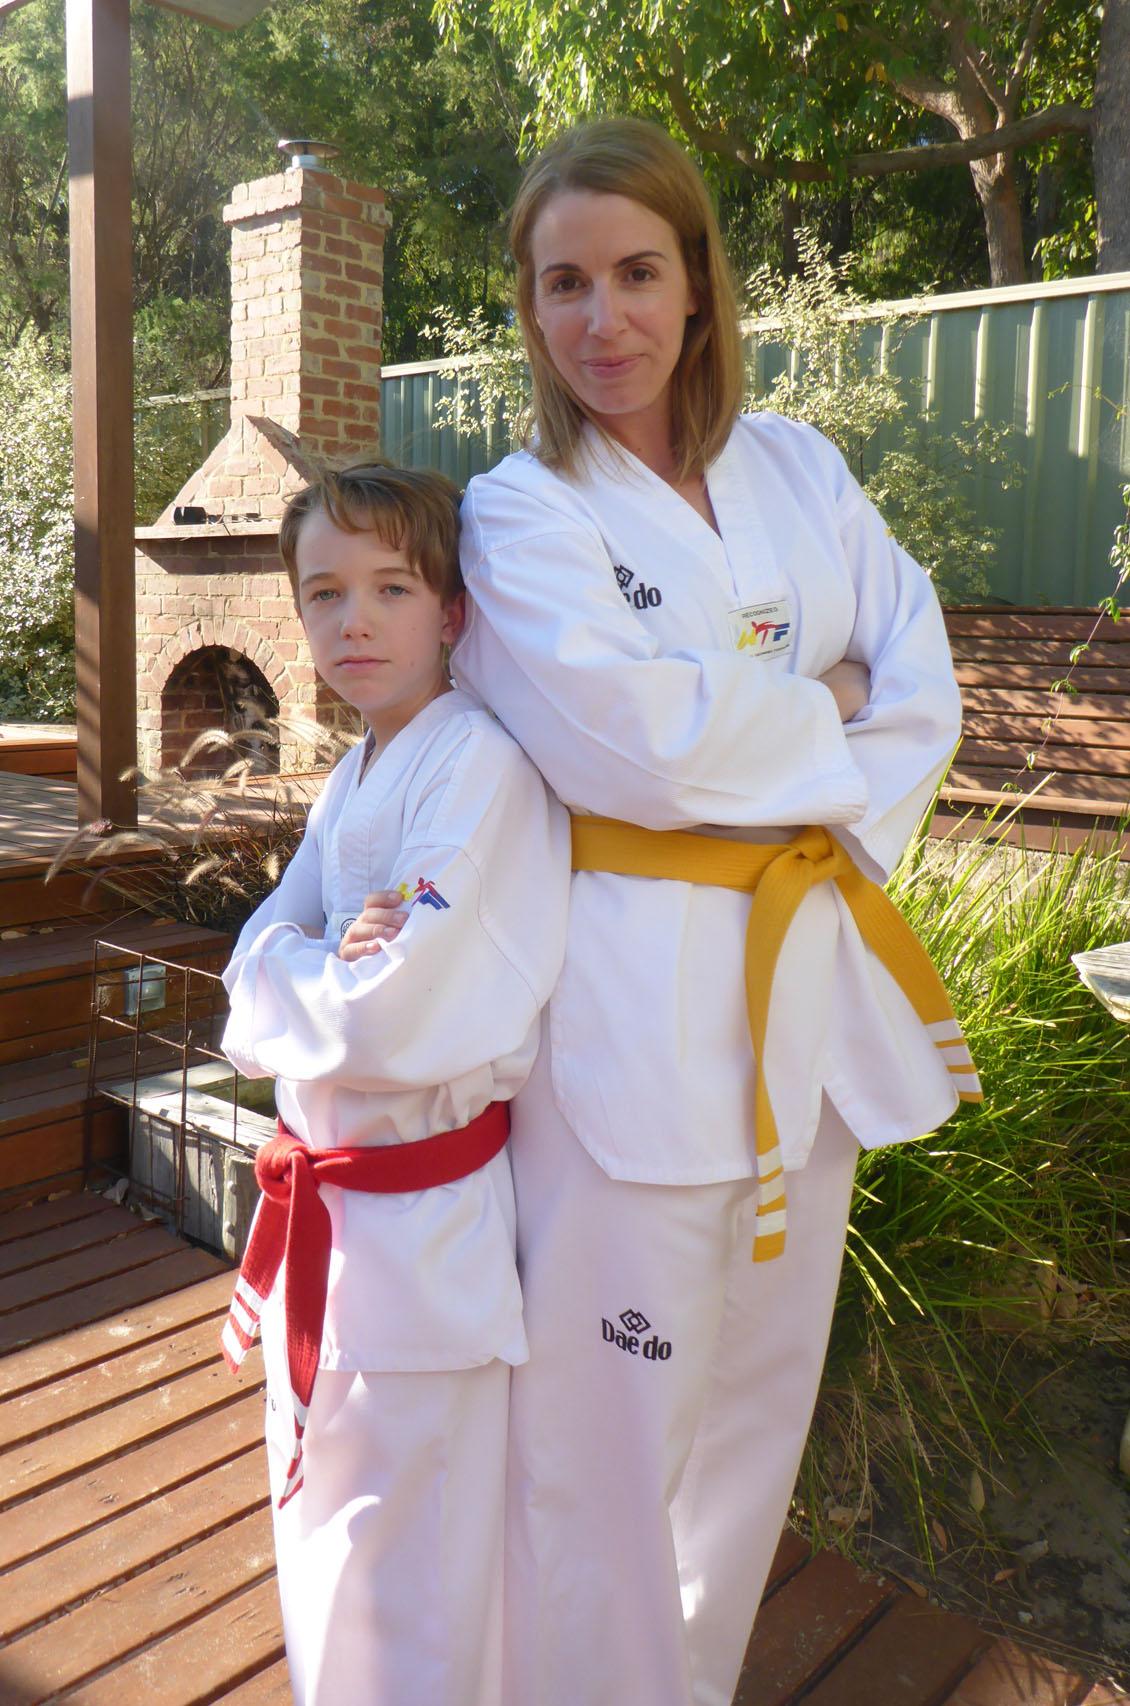 Feet karate Never fight